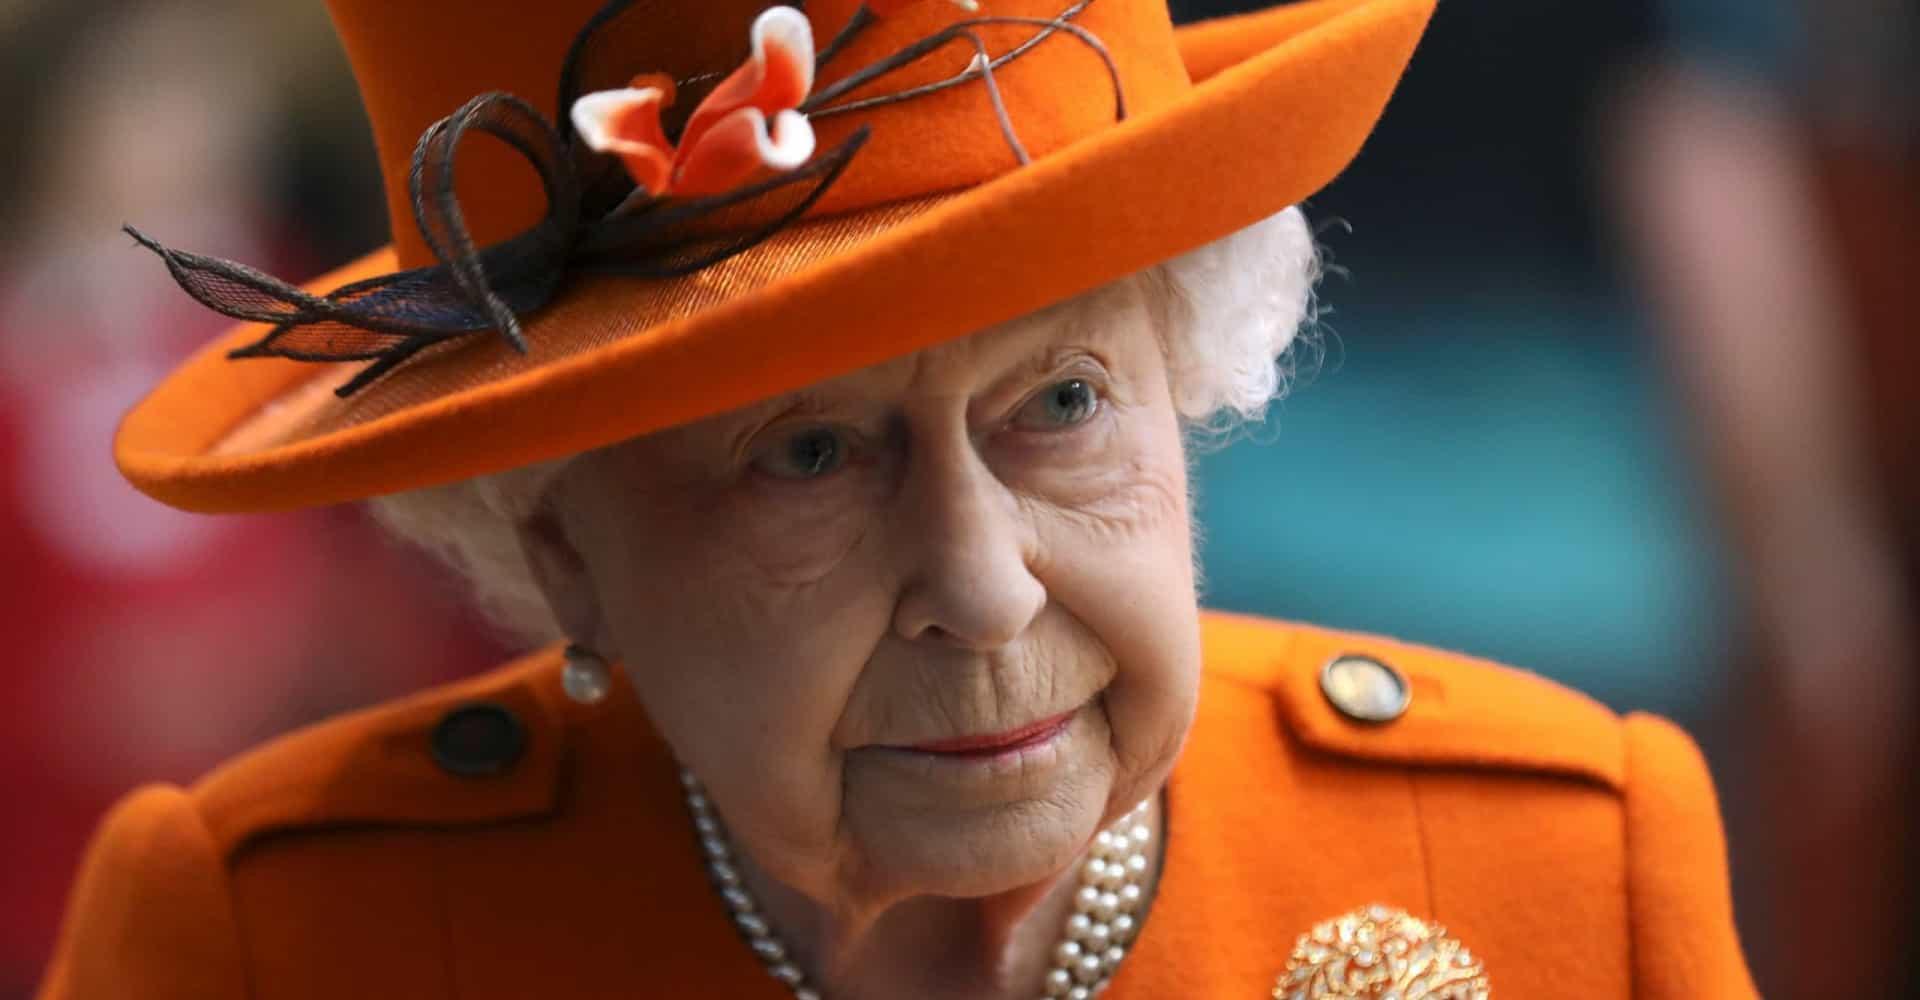 Rainha Elizabeth II se muda para o Castelo de Windsor; veja reações da família real com o Covid-19